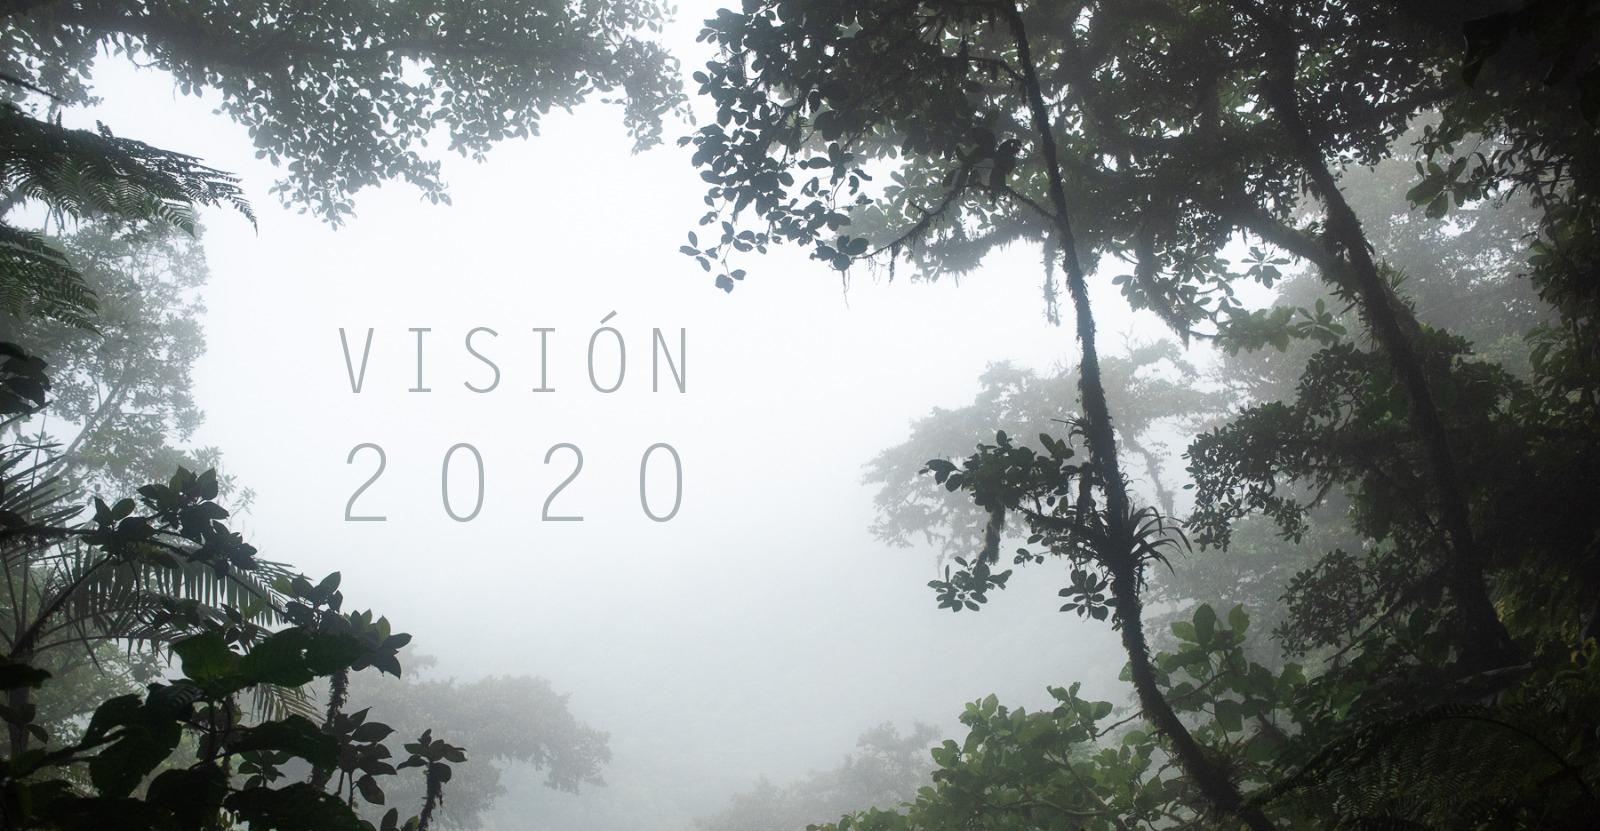 Visión 2020 – Una década para re-enfocar nuestras prioridades hacia la naturaleza.